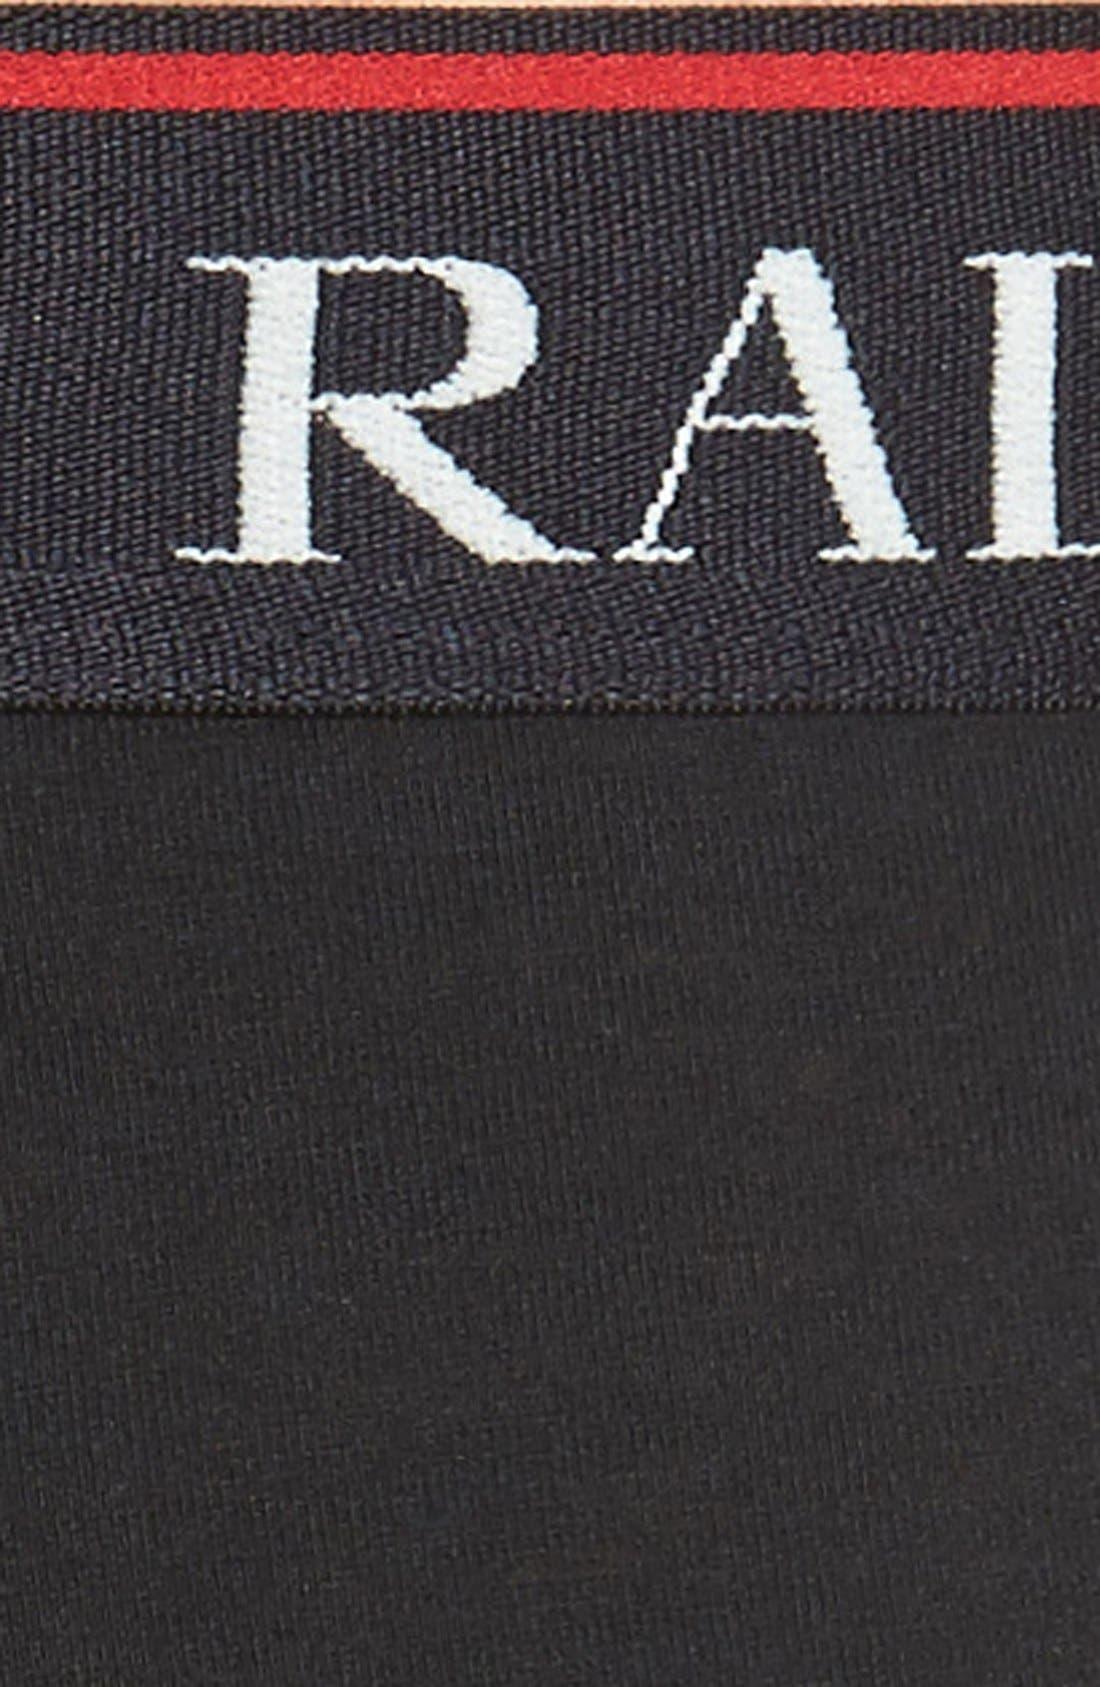 3-Pack Stretch Cotton Boxer Briefs,                             Alternate thumbnail 5, color,                             001